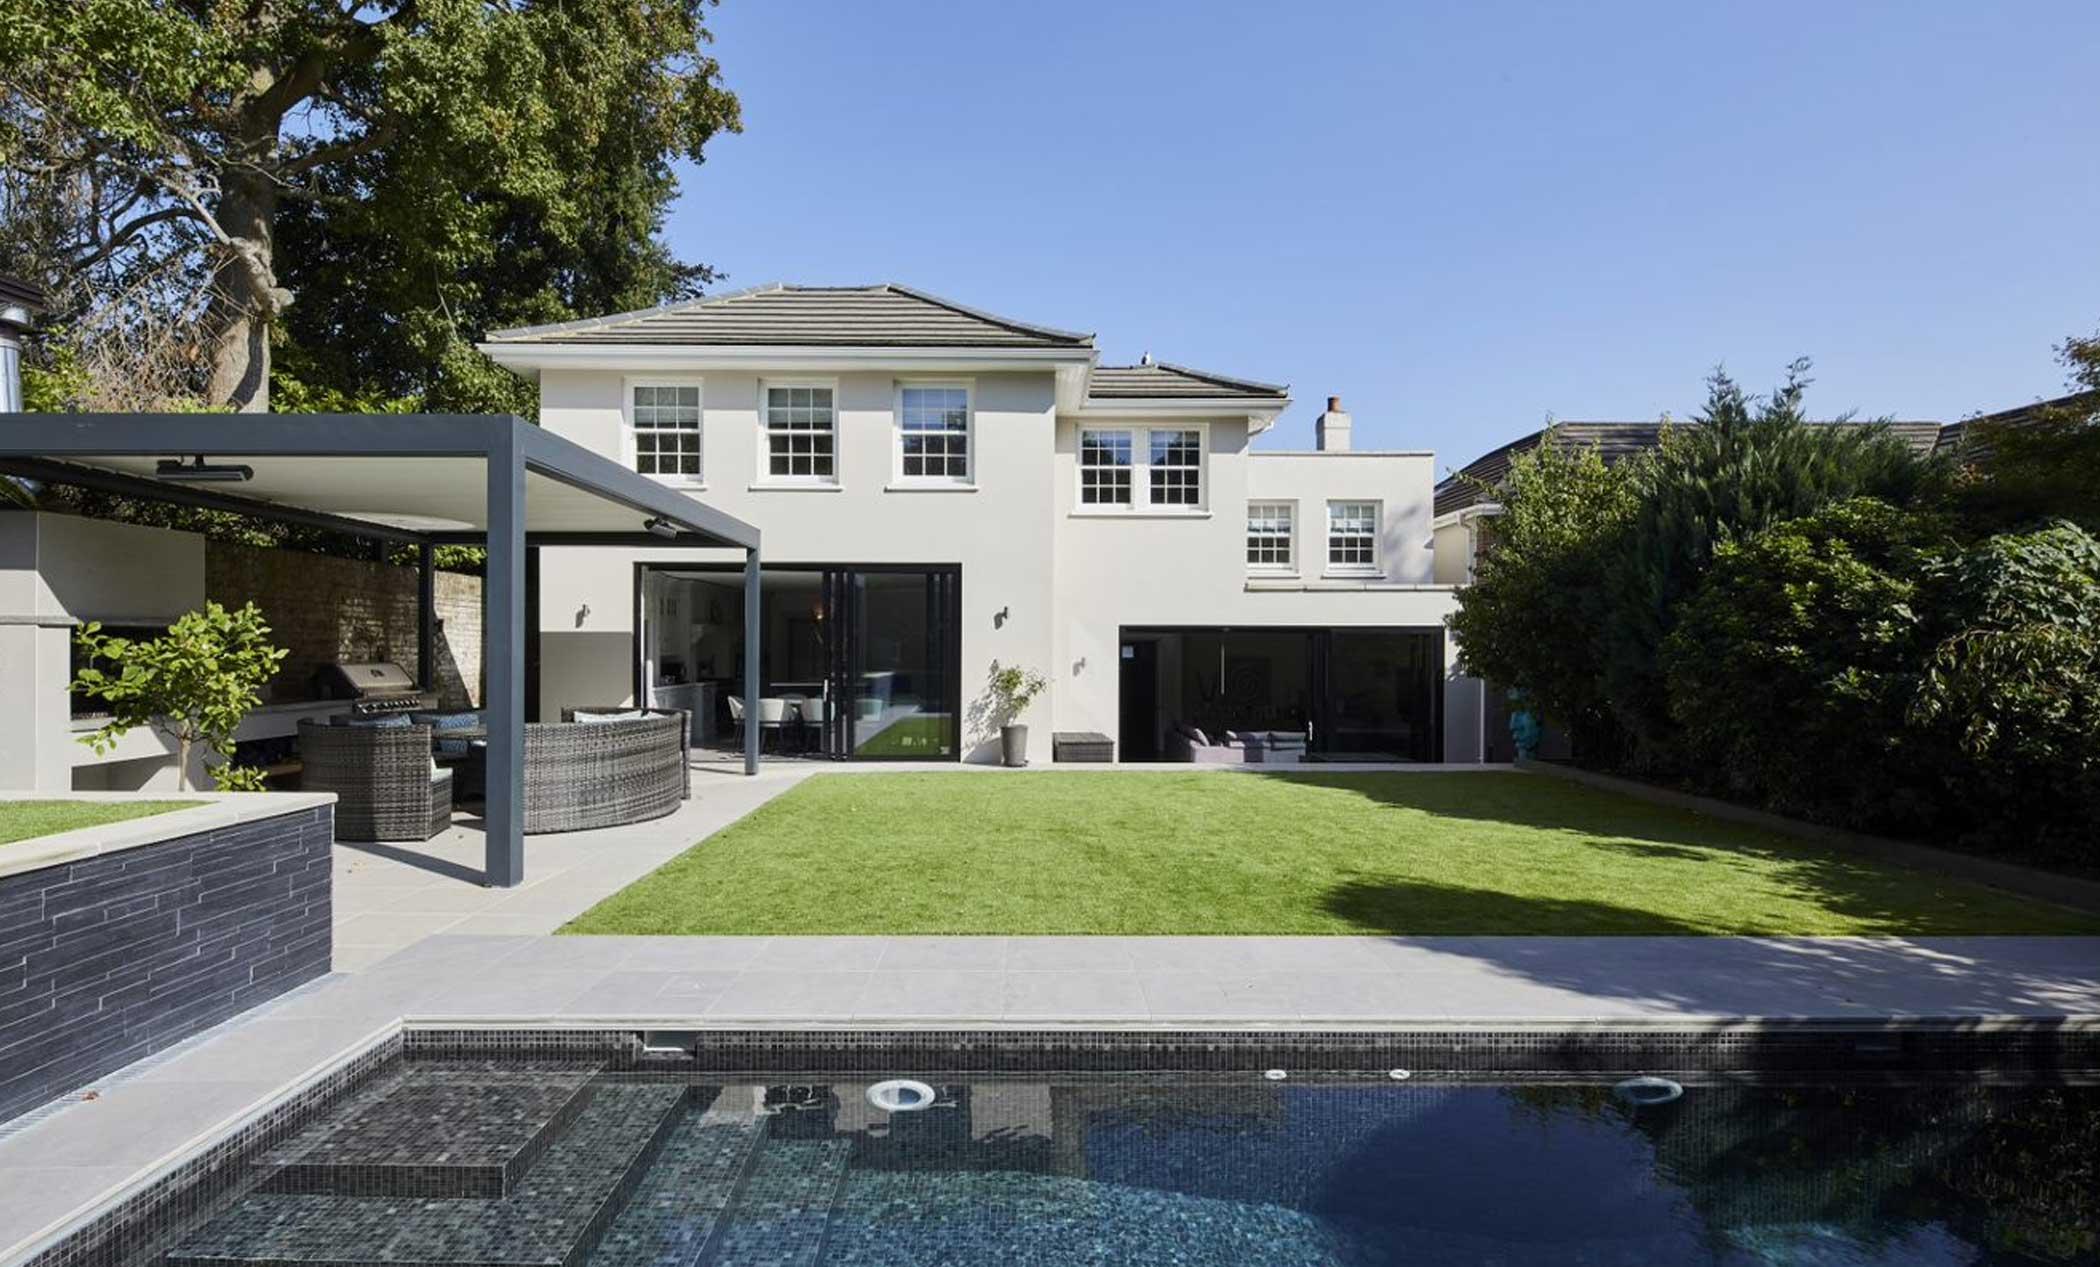 Malone-architecture-Lincoln-ave-exterior